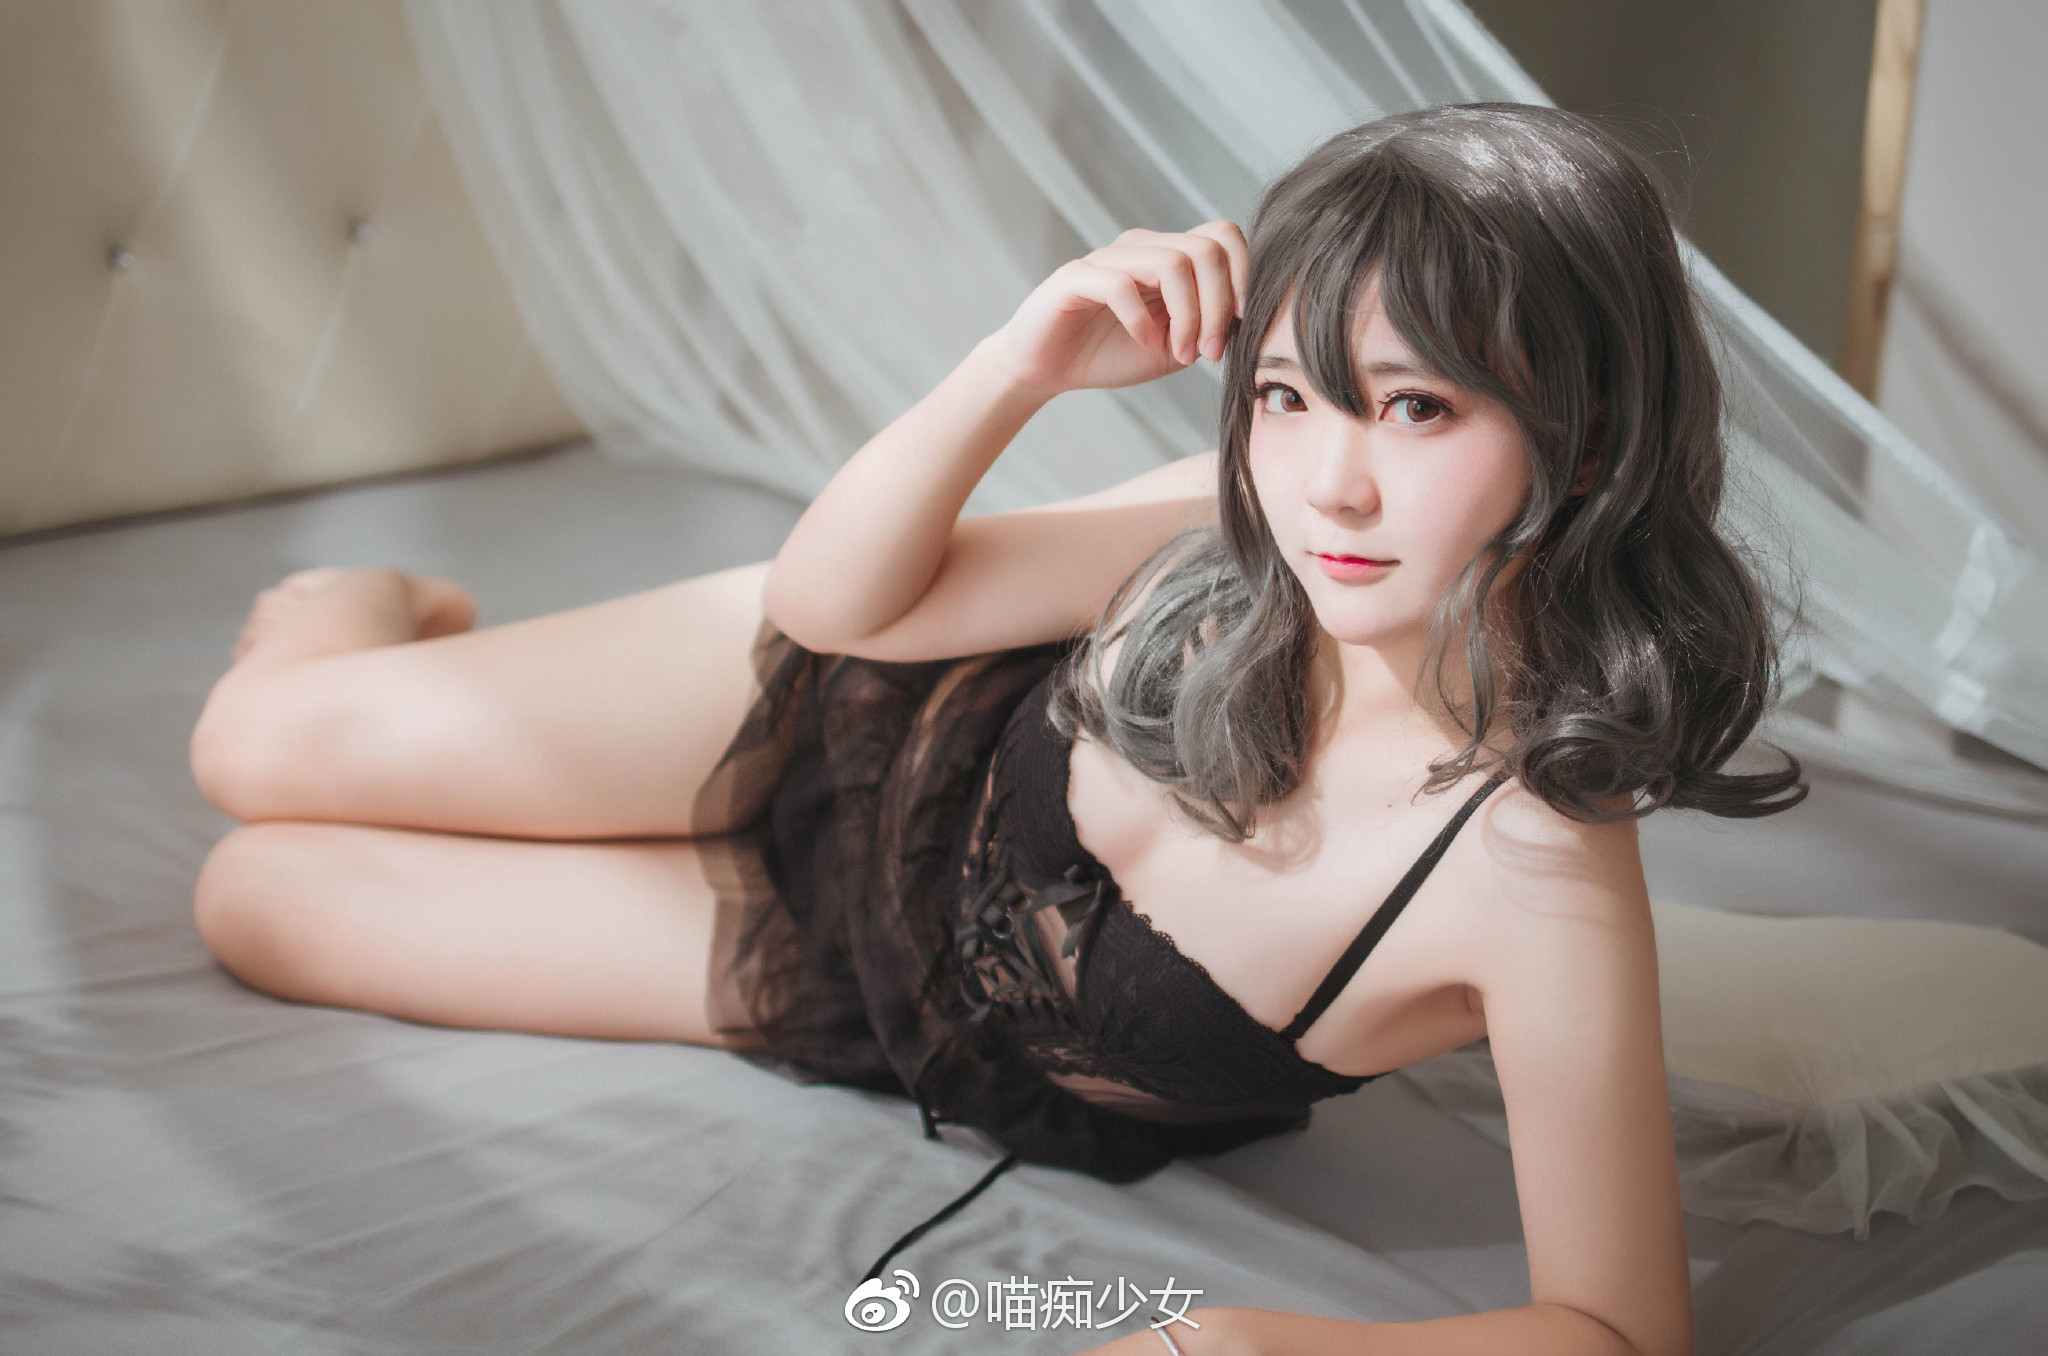 萌妹子的性感私房写真,内衣很好看(9P)